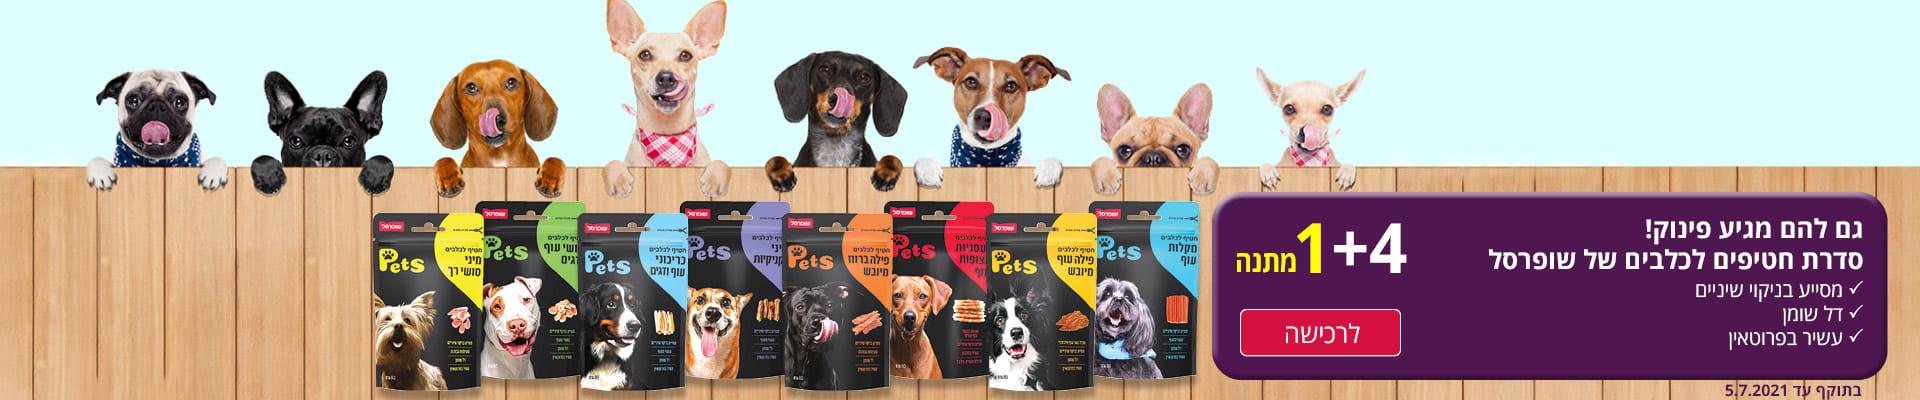 גם להם מגיע פינוק! סדרת חטיפים לכלבים של שופרסל 1+4 מתנה מסייע בניקוי שיניים דל שומן עשיר בפרוטאין לרכישה בתוקף עד 5.7.2021